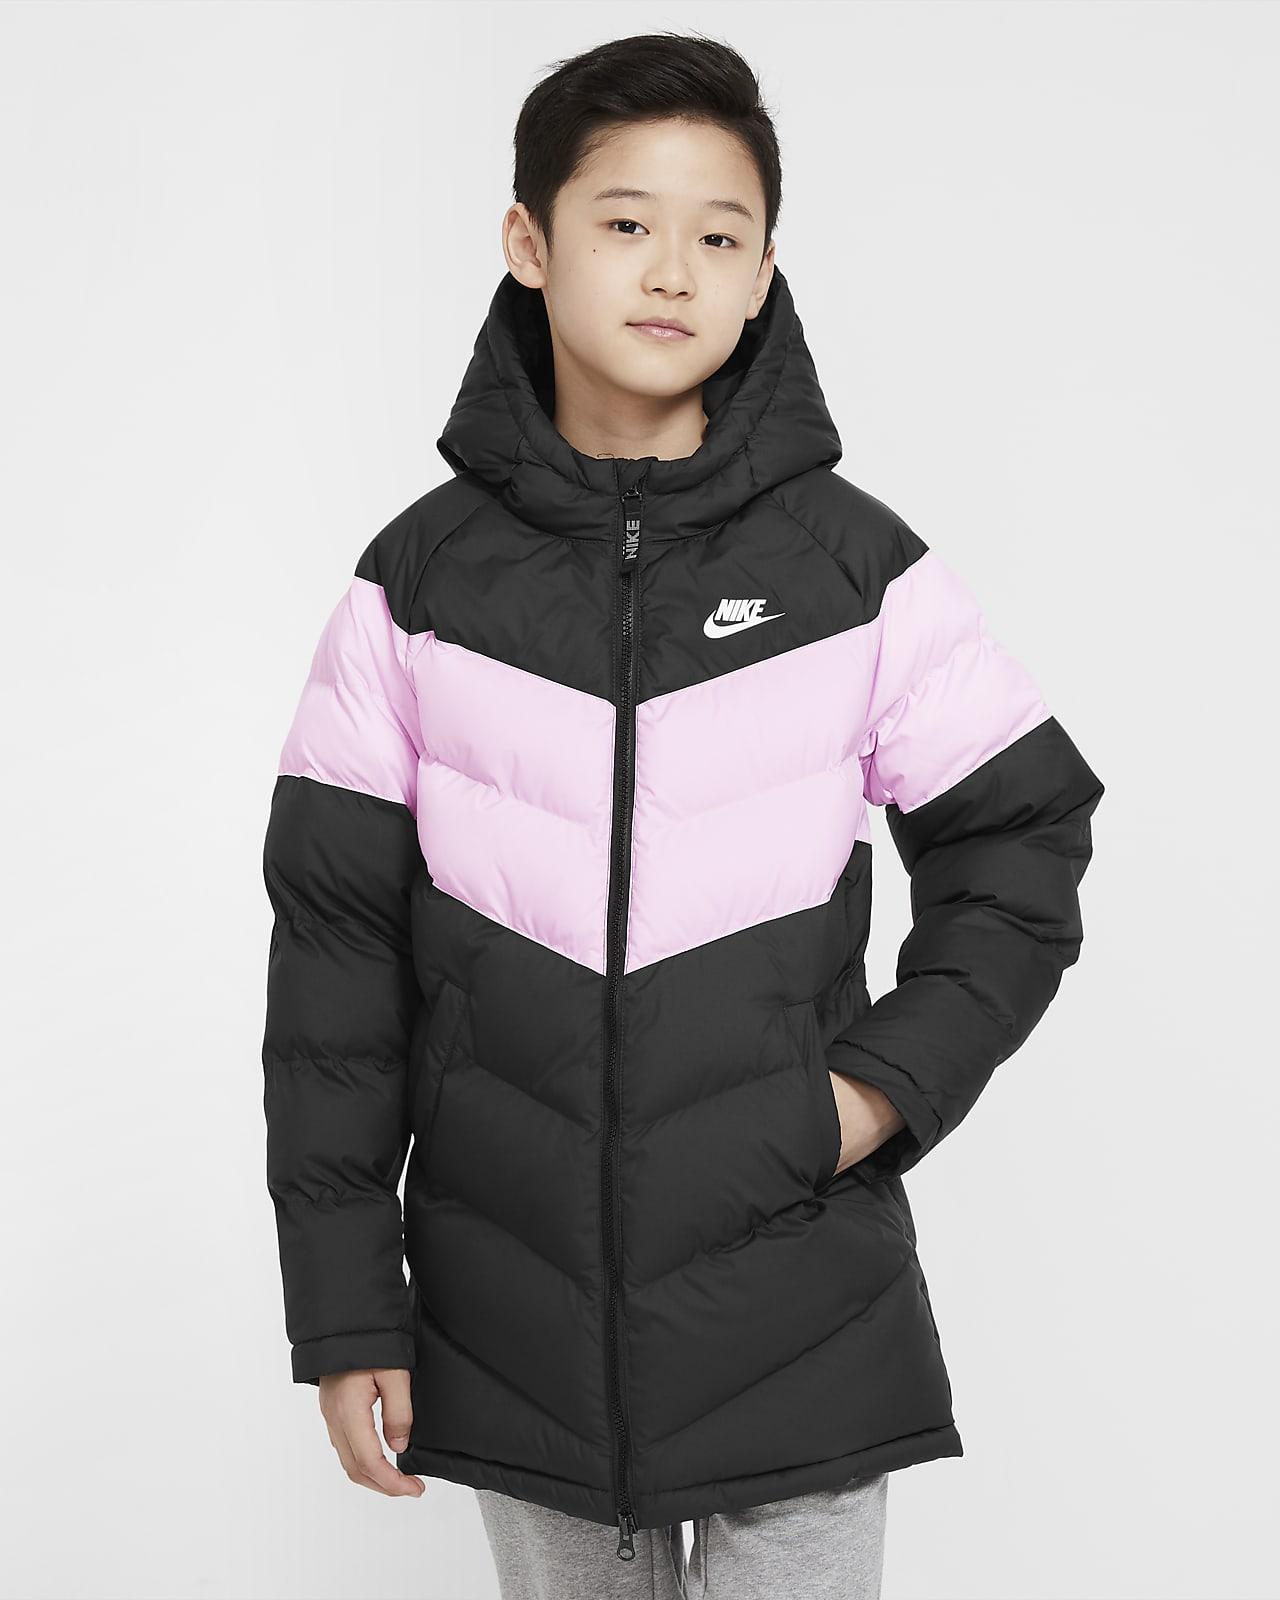 Vinterjacka Nike Sportswear med syntetfoder för ungdom. Nike SE